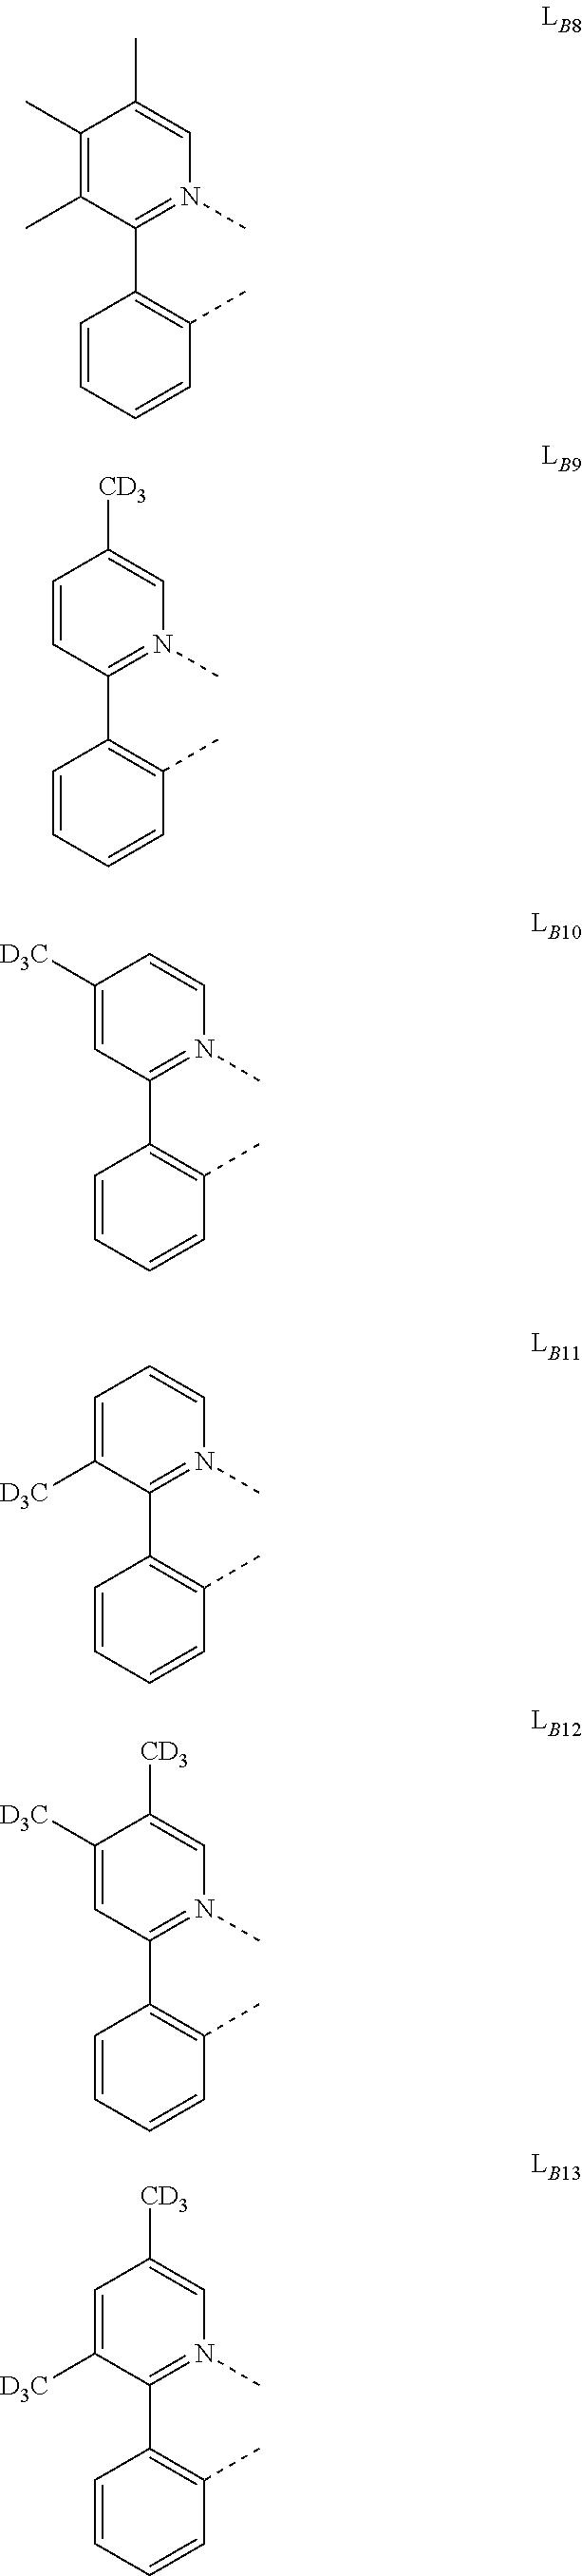 Figure US20180130962A1-20180510-C00068